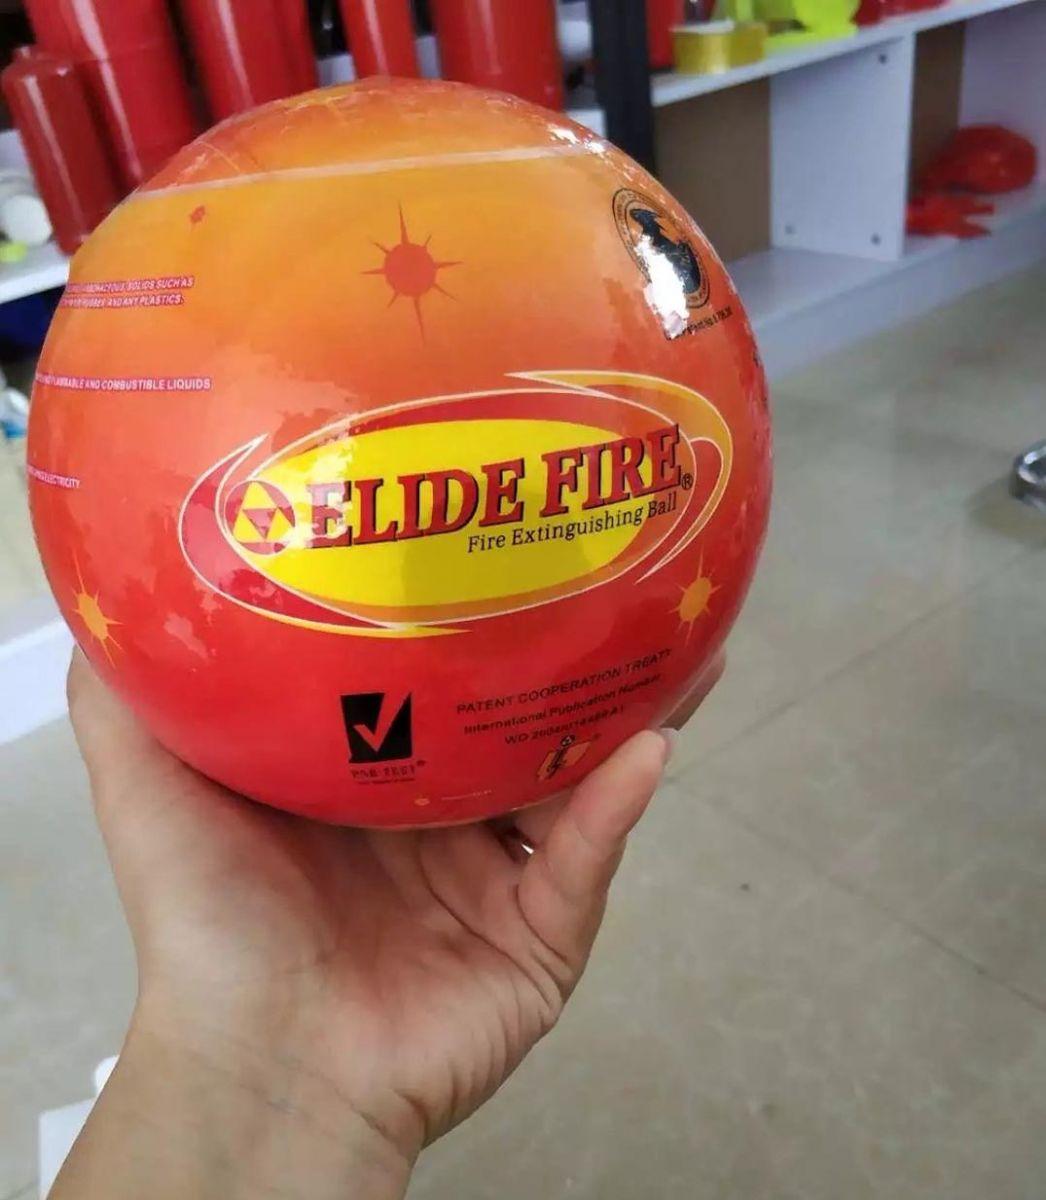 bóng chữa cháy Elide Fire Ball cao cấp Thái Lan